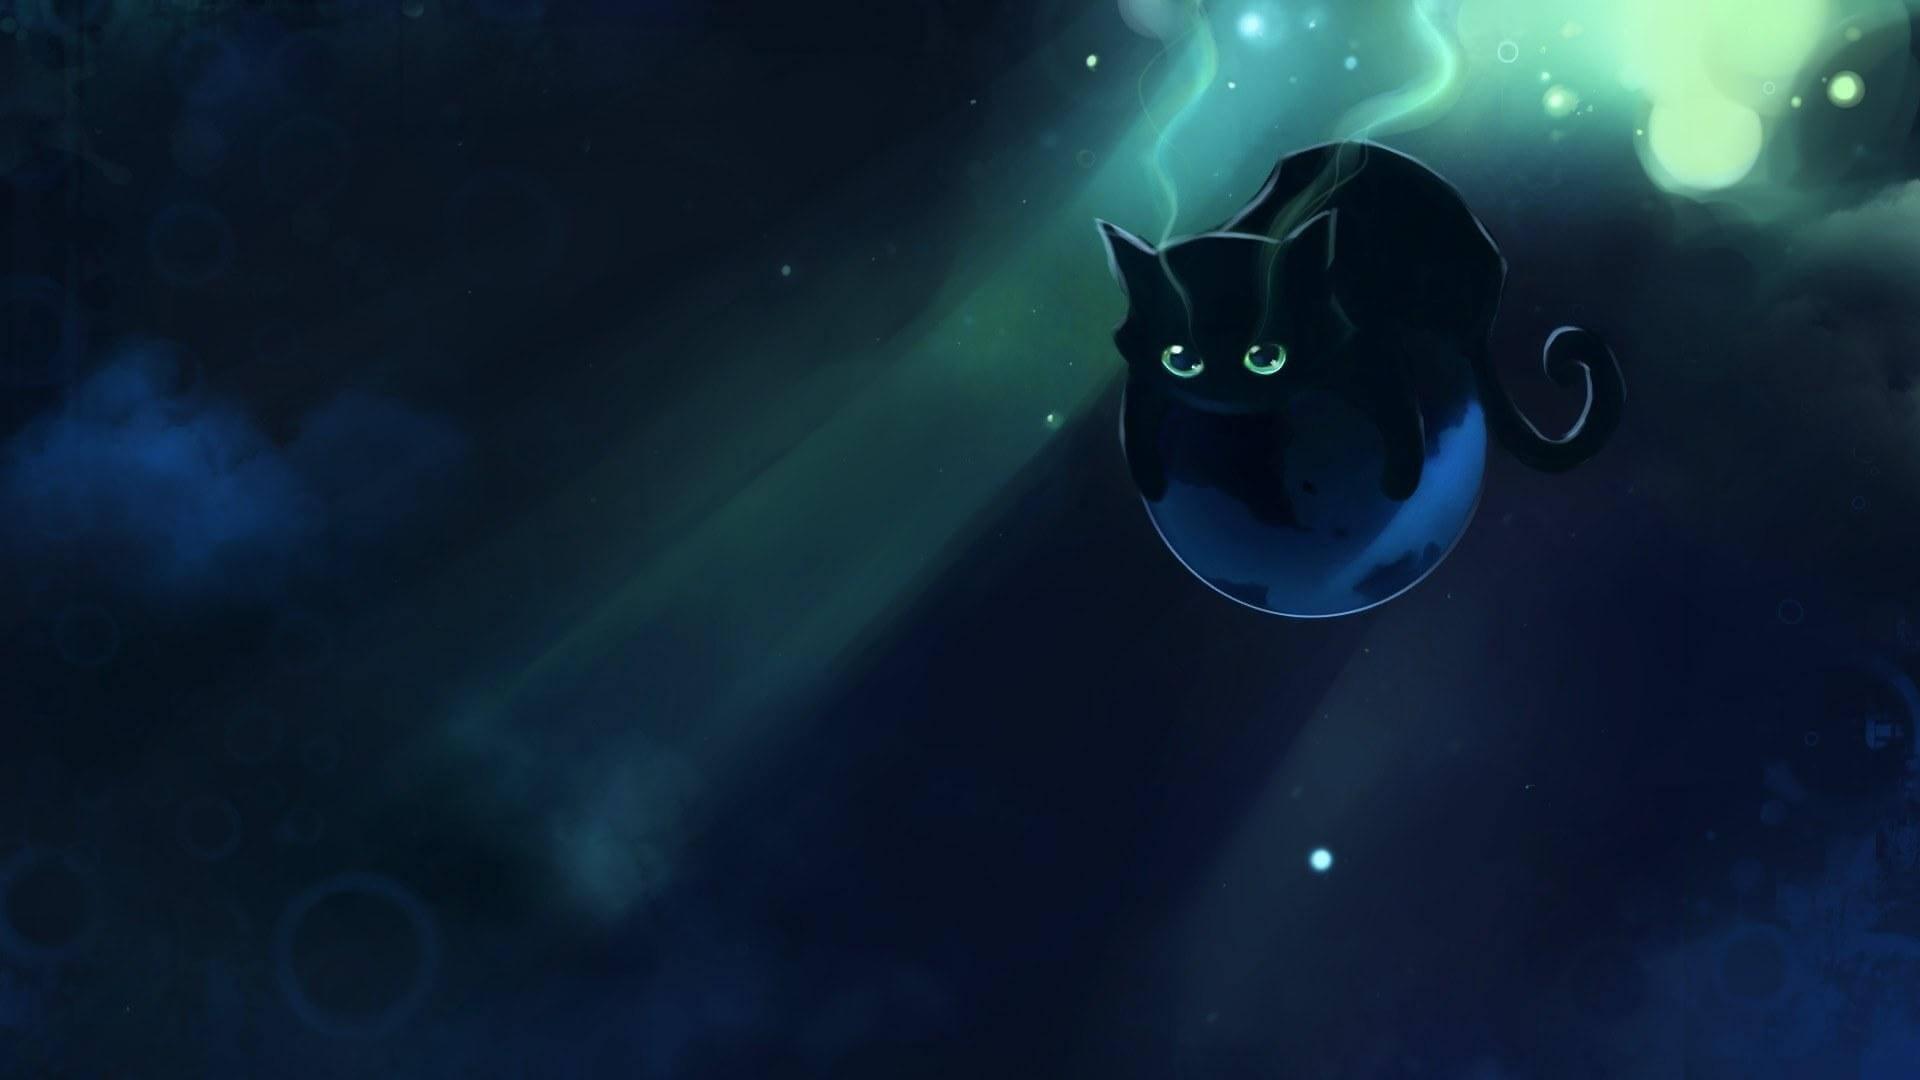 Прикольные и милые арт картинки котиков и кошек - подборка 4